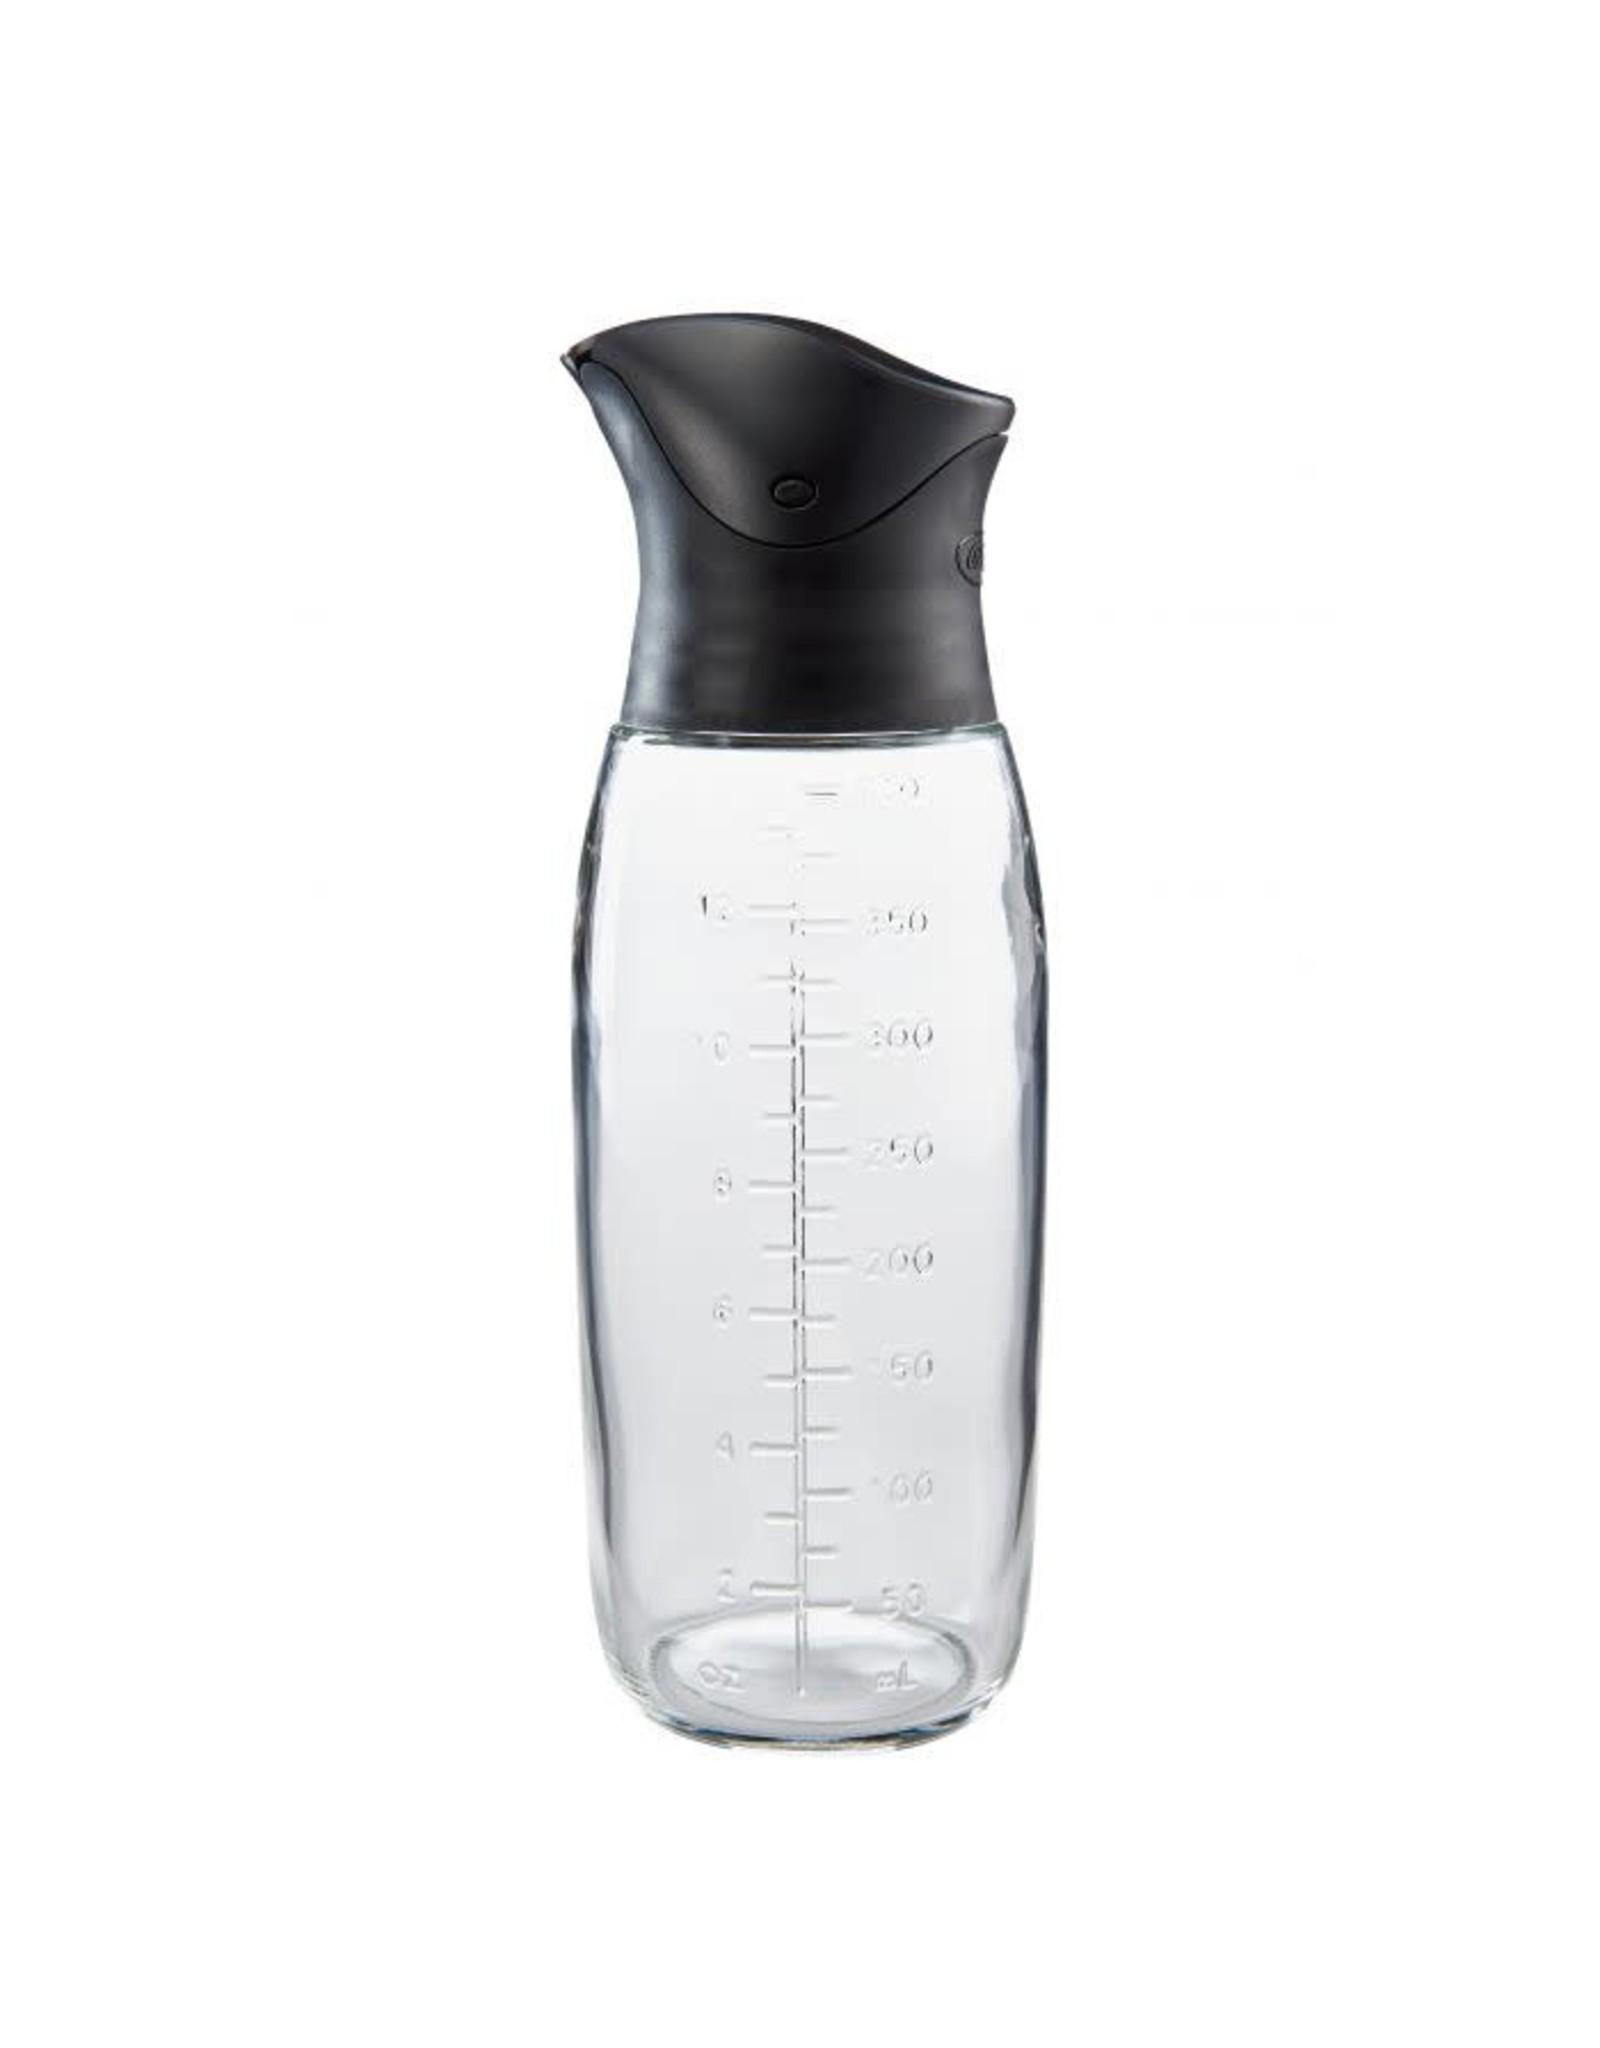 Store N' Pour Oil Bottle